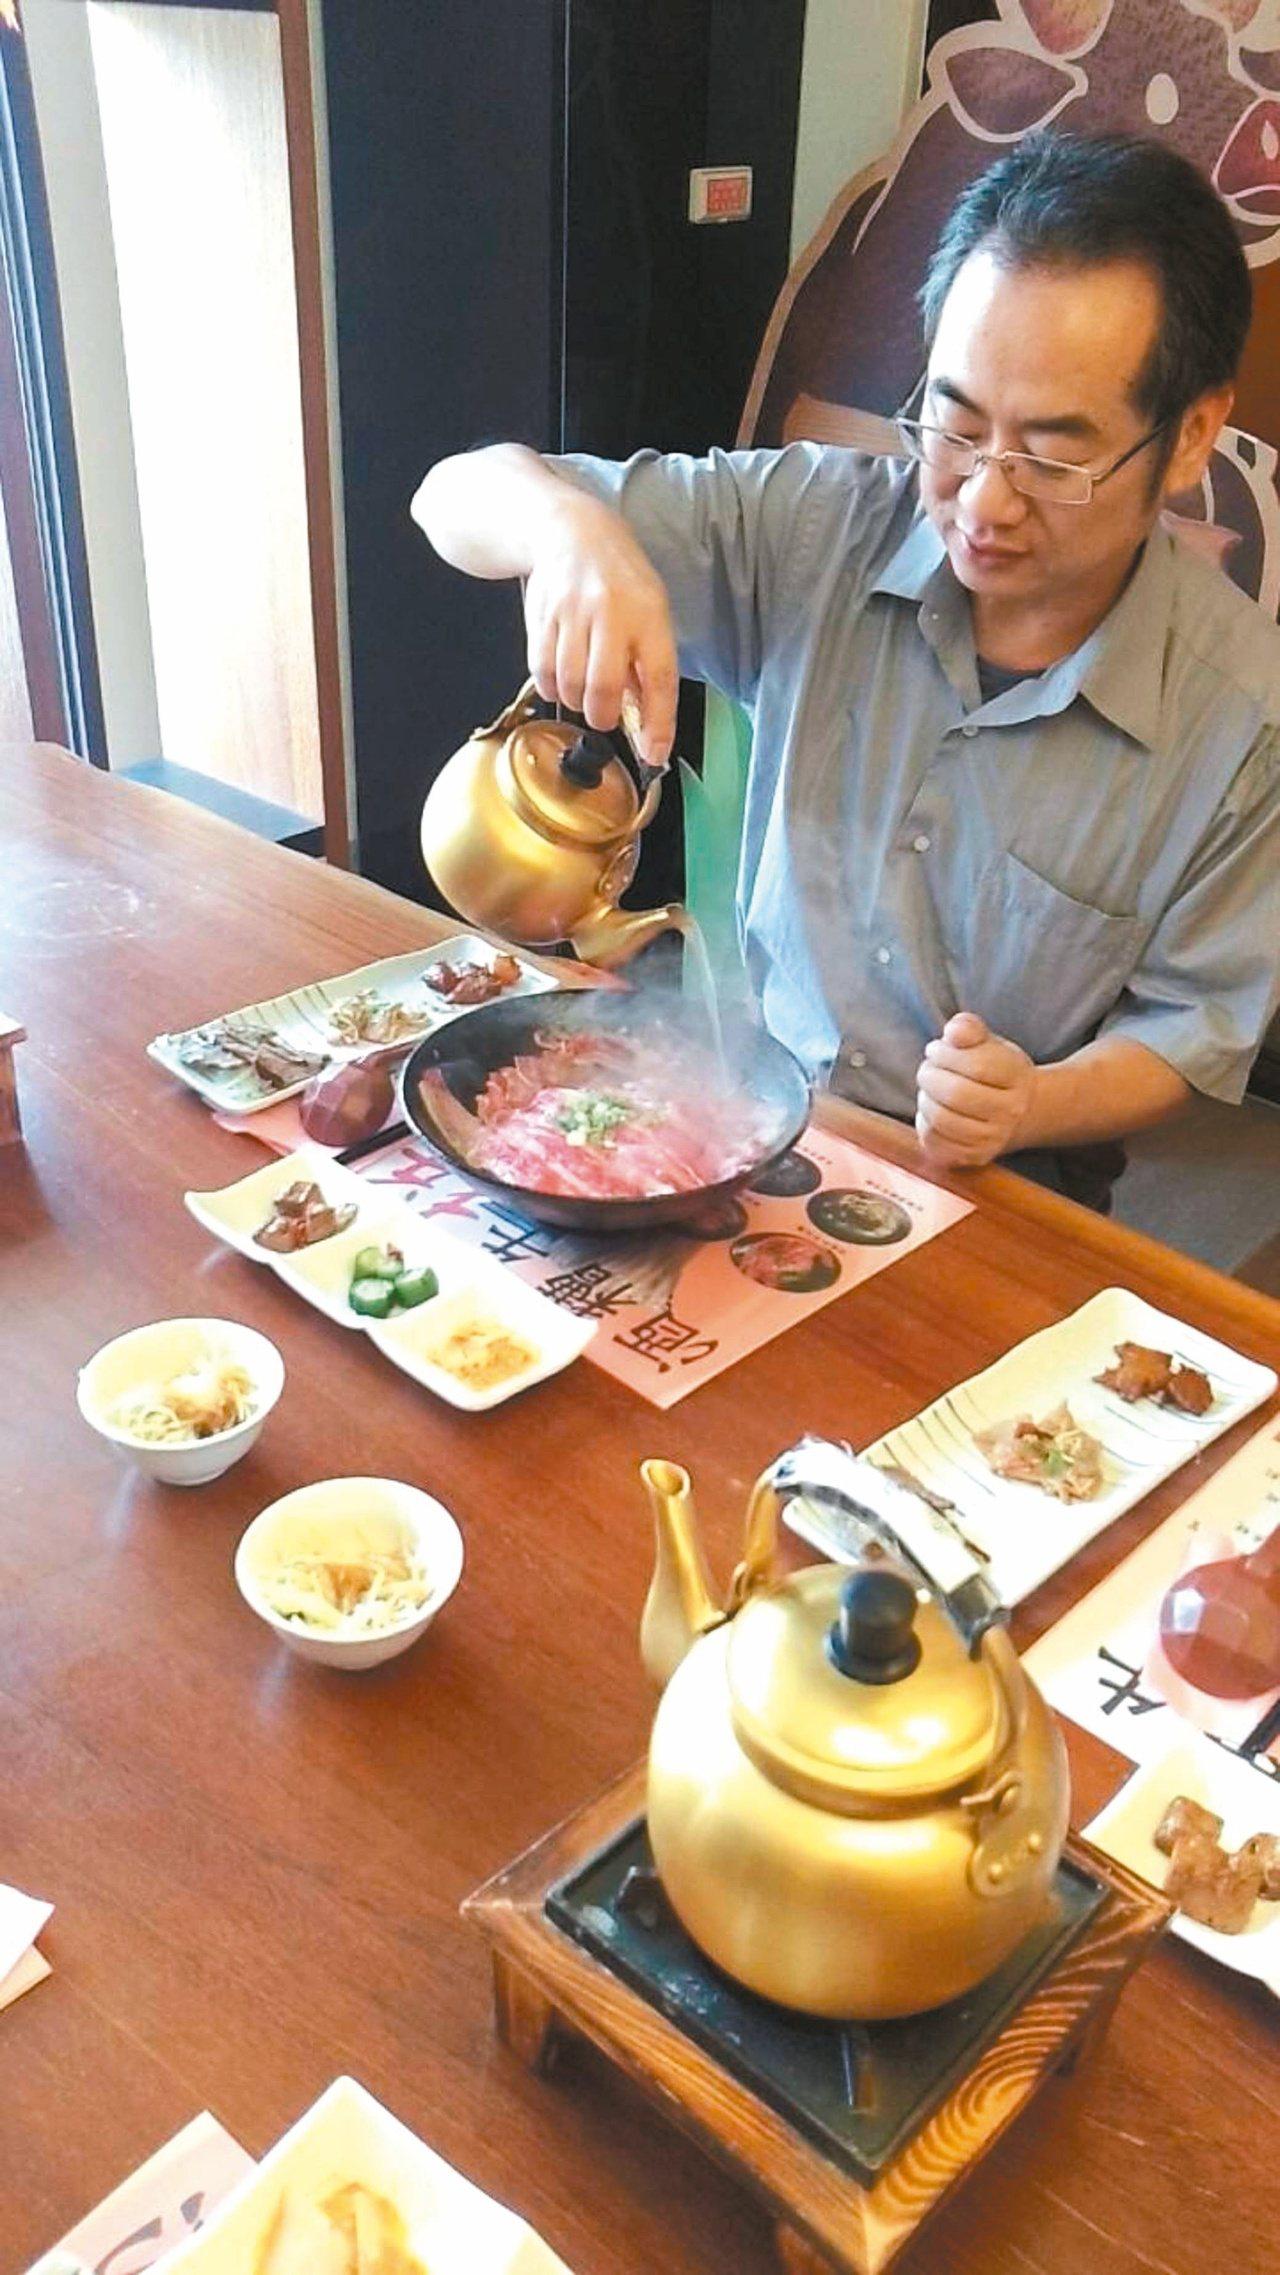 鮮涮牛肉麵,一推出,大受好評。 記者蔡家蓁/攝影